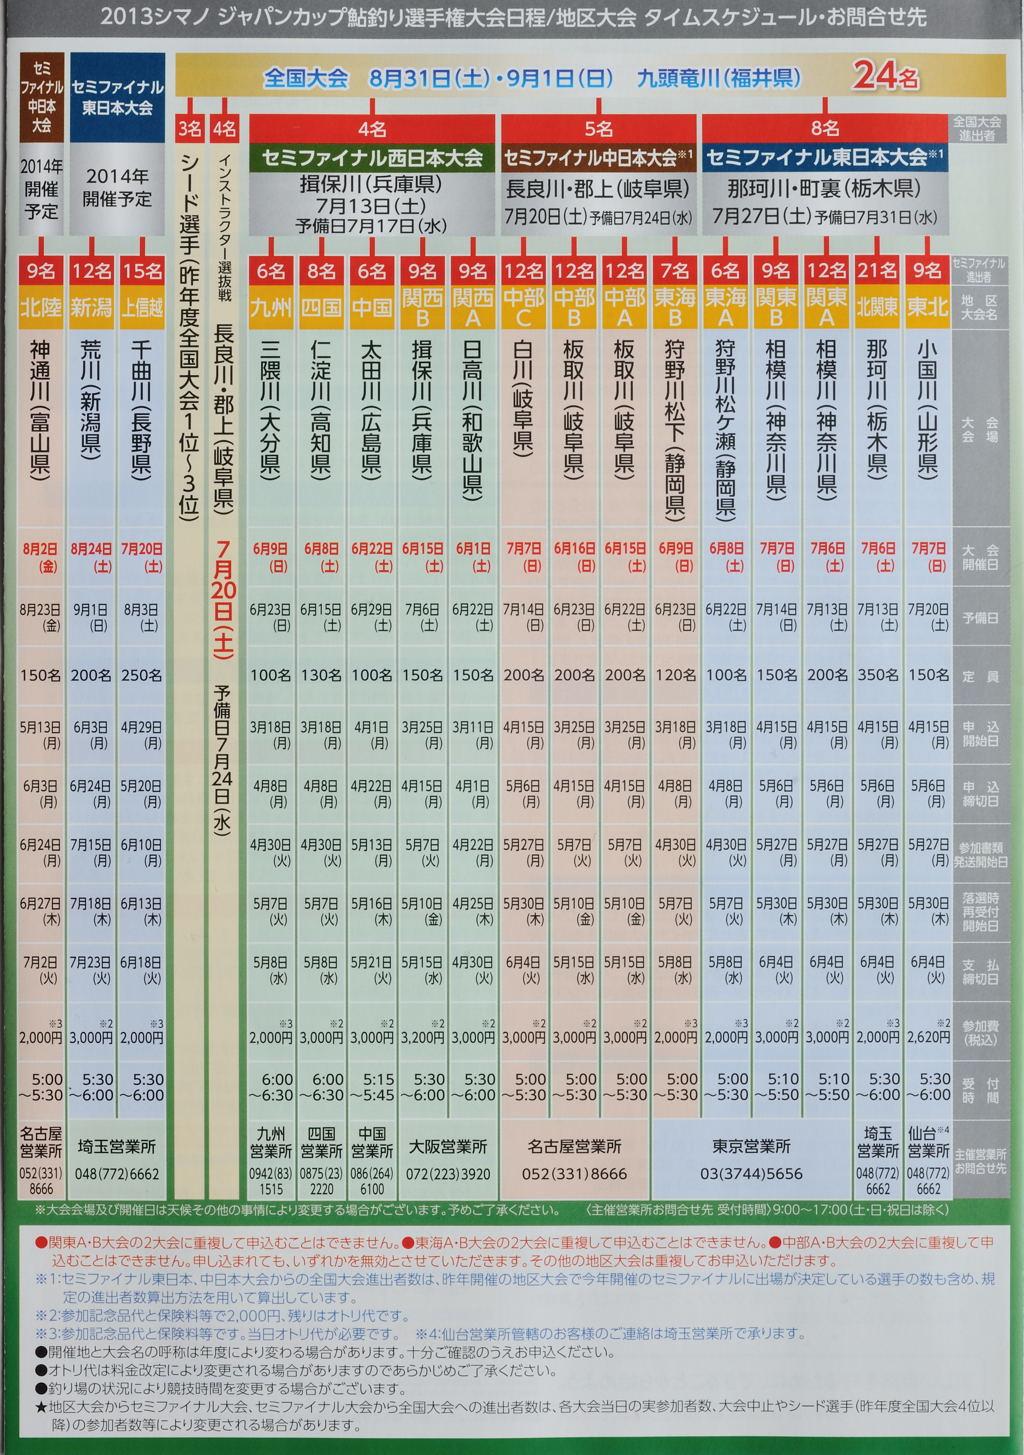 Ike_shimano_2013_9813